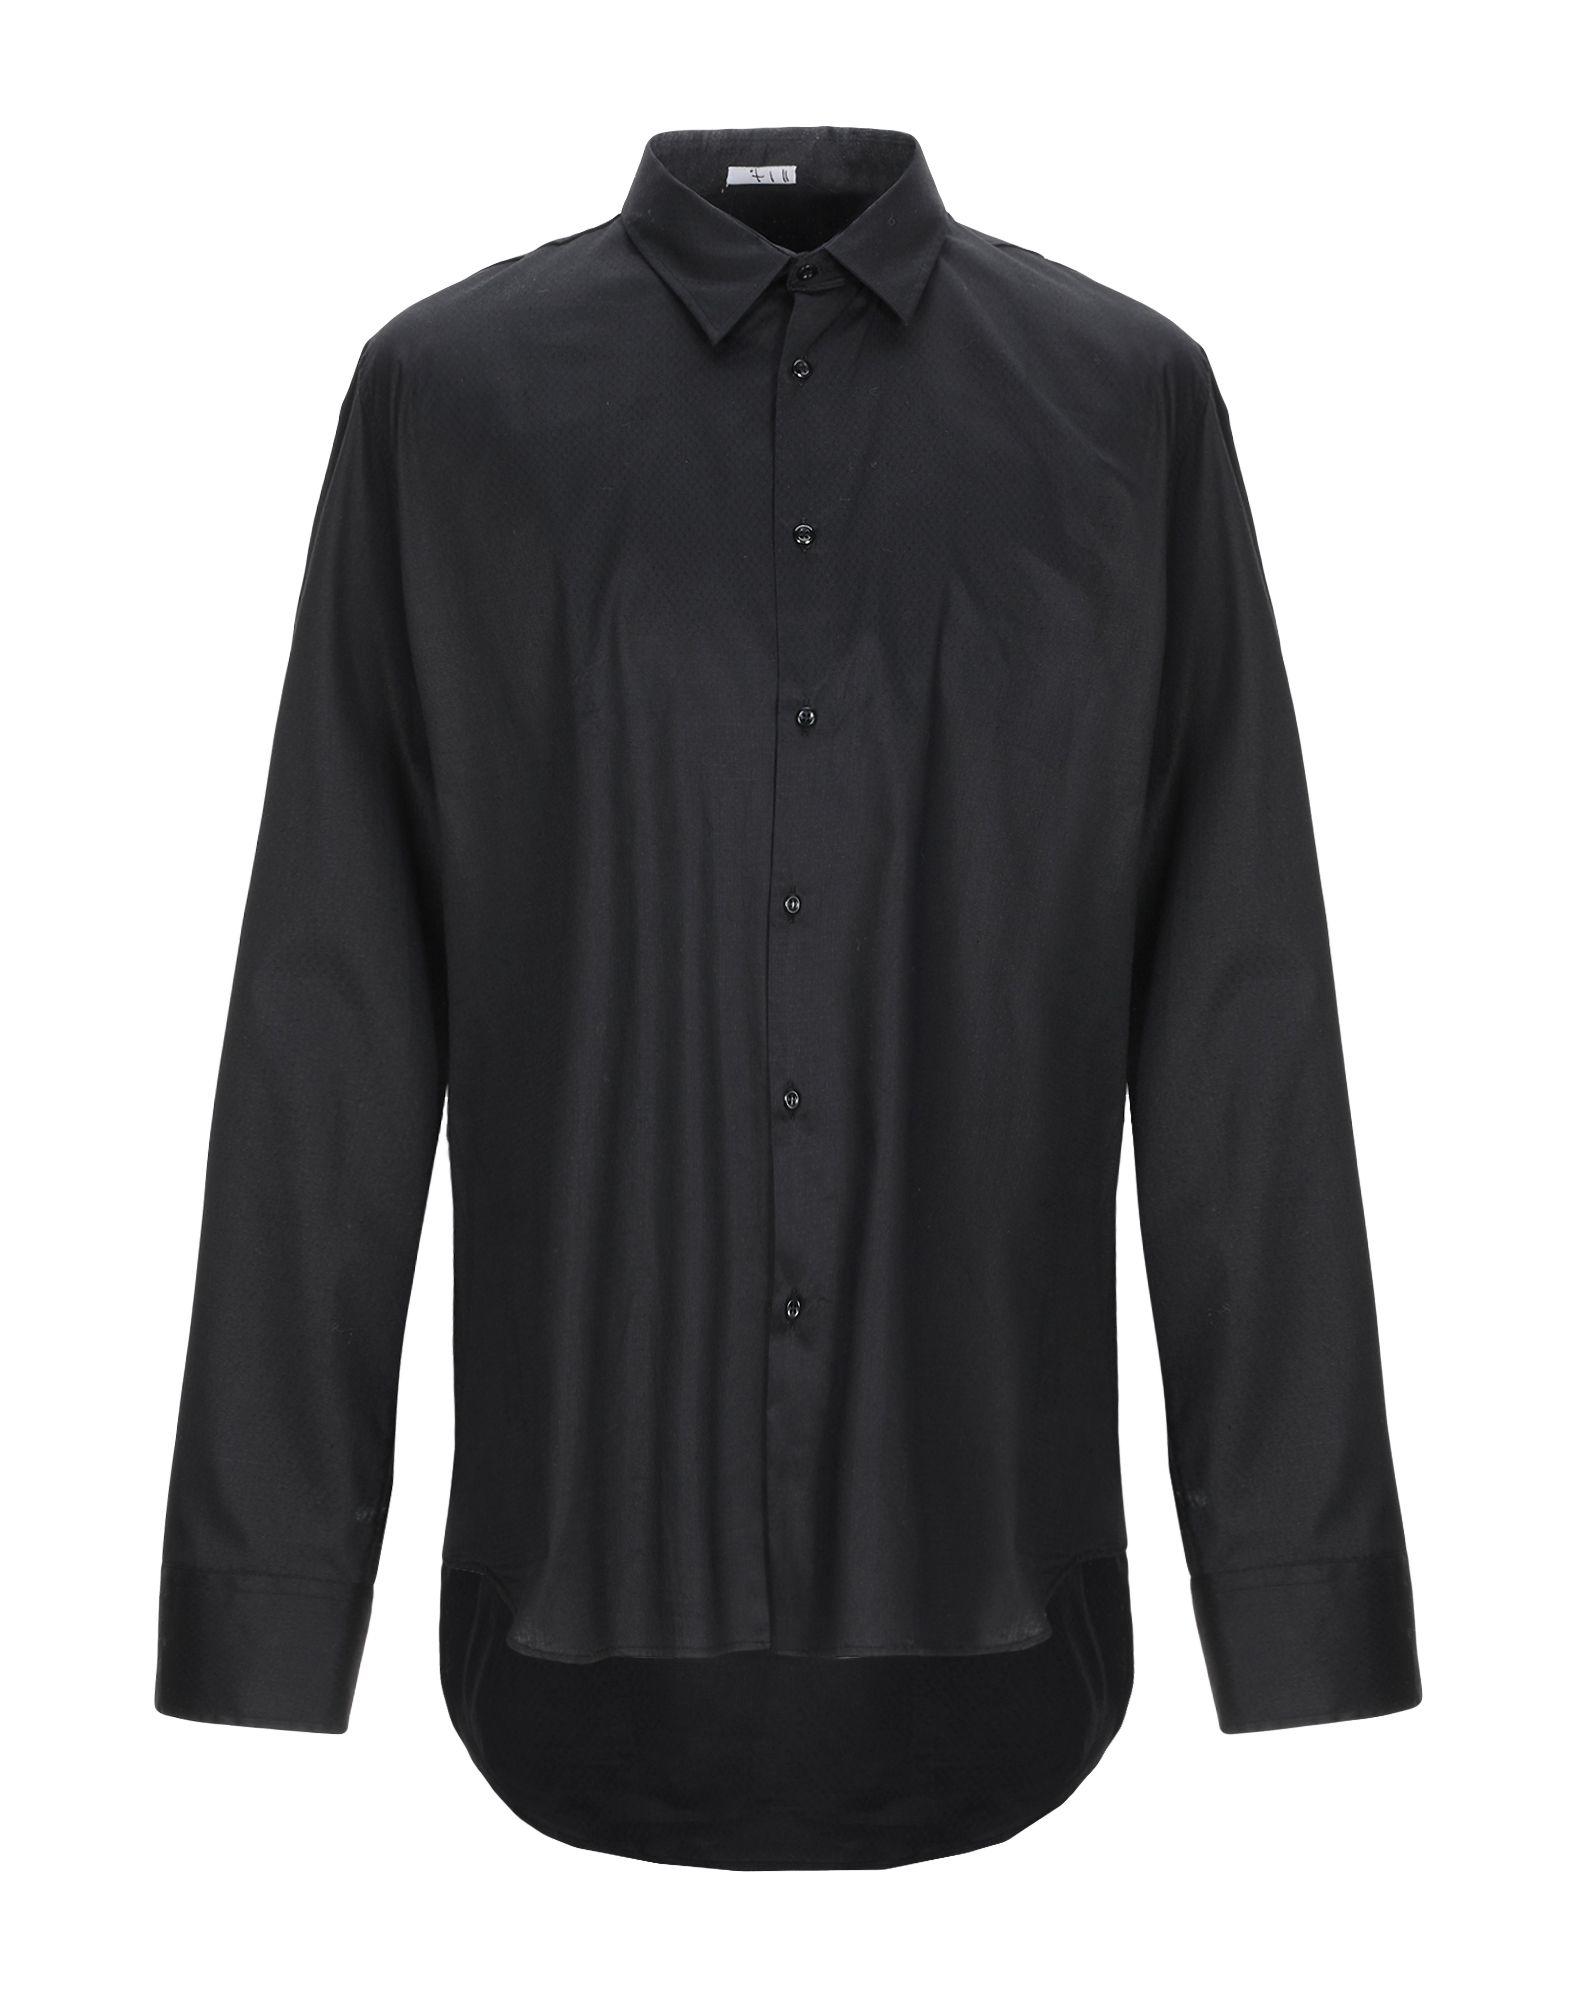 + - UGUALE Pубашка uguale повседневные брюки